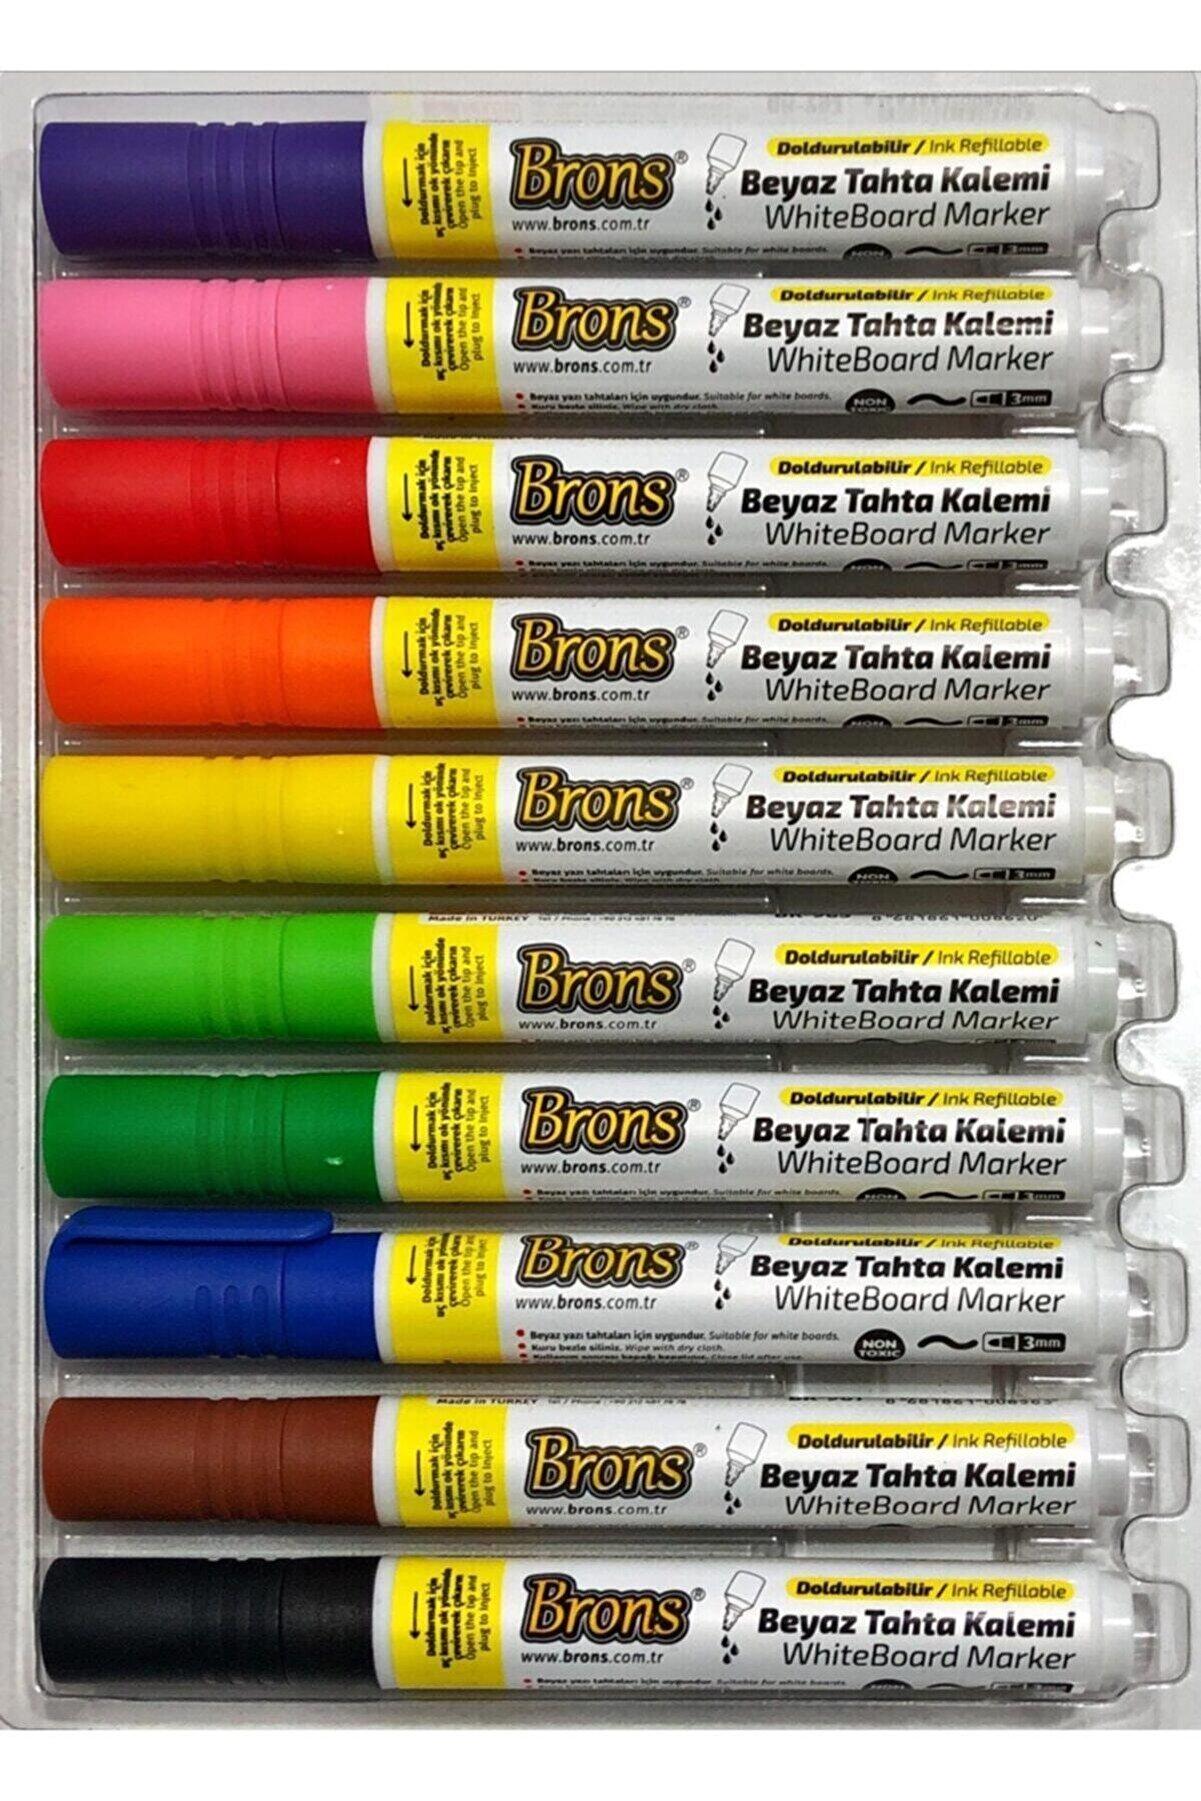 Brons Doldurulabilir Beyaz Tahta Kalemi 10 Renk Set